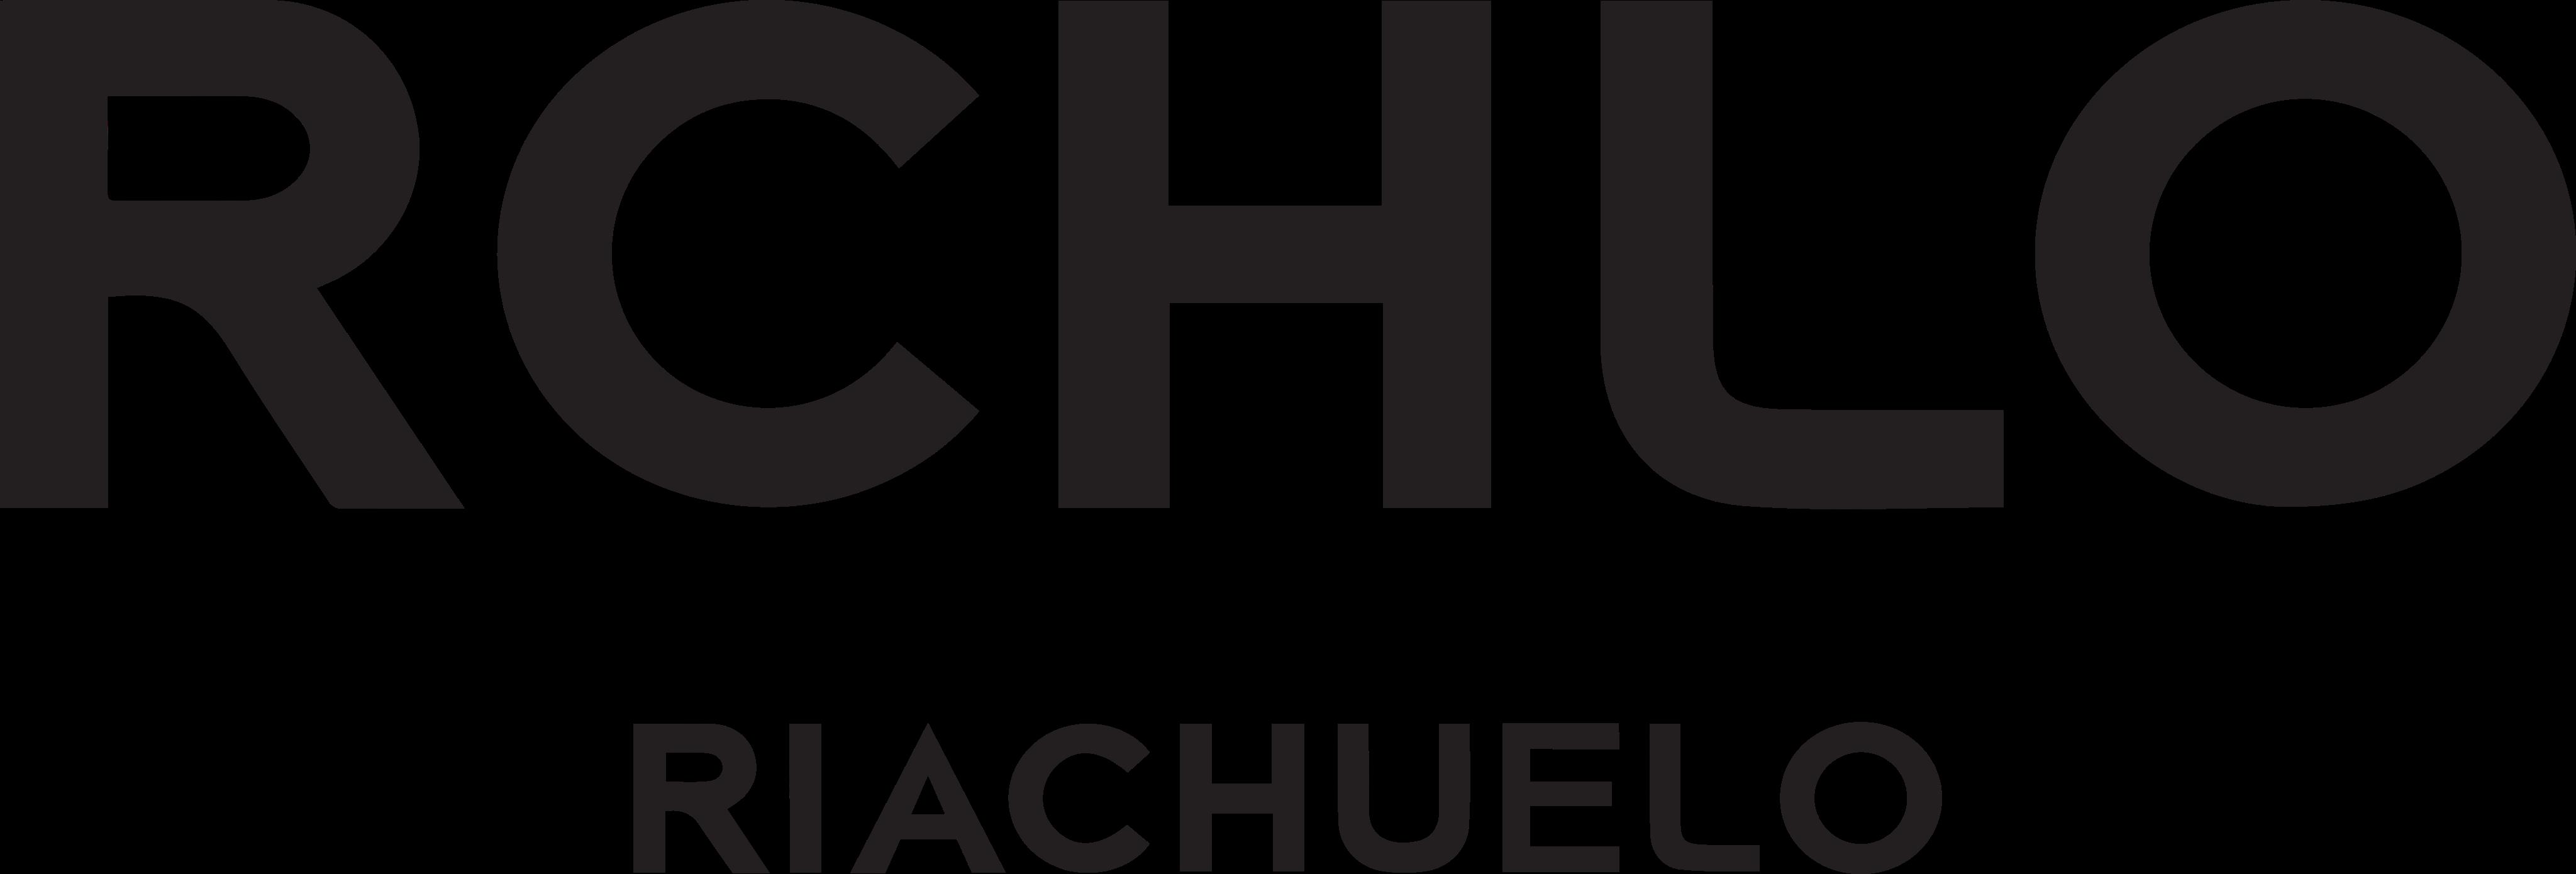 Riachuelo - 10 Lojas